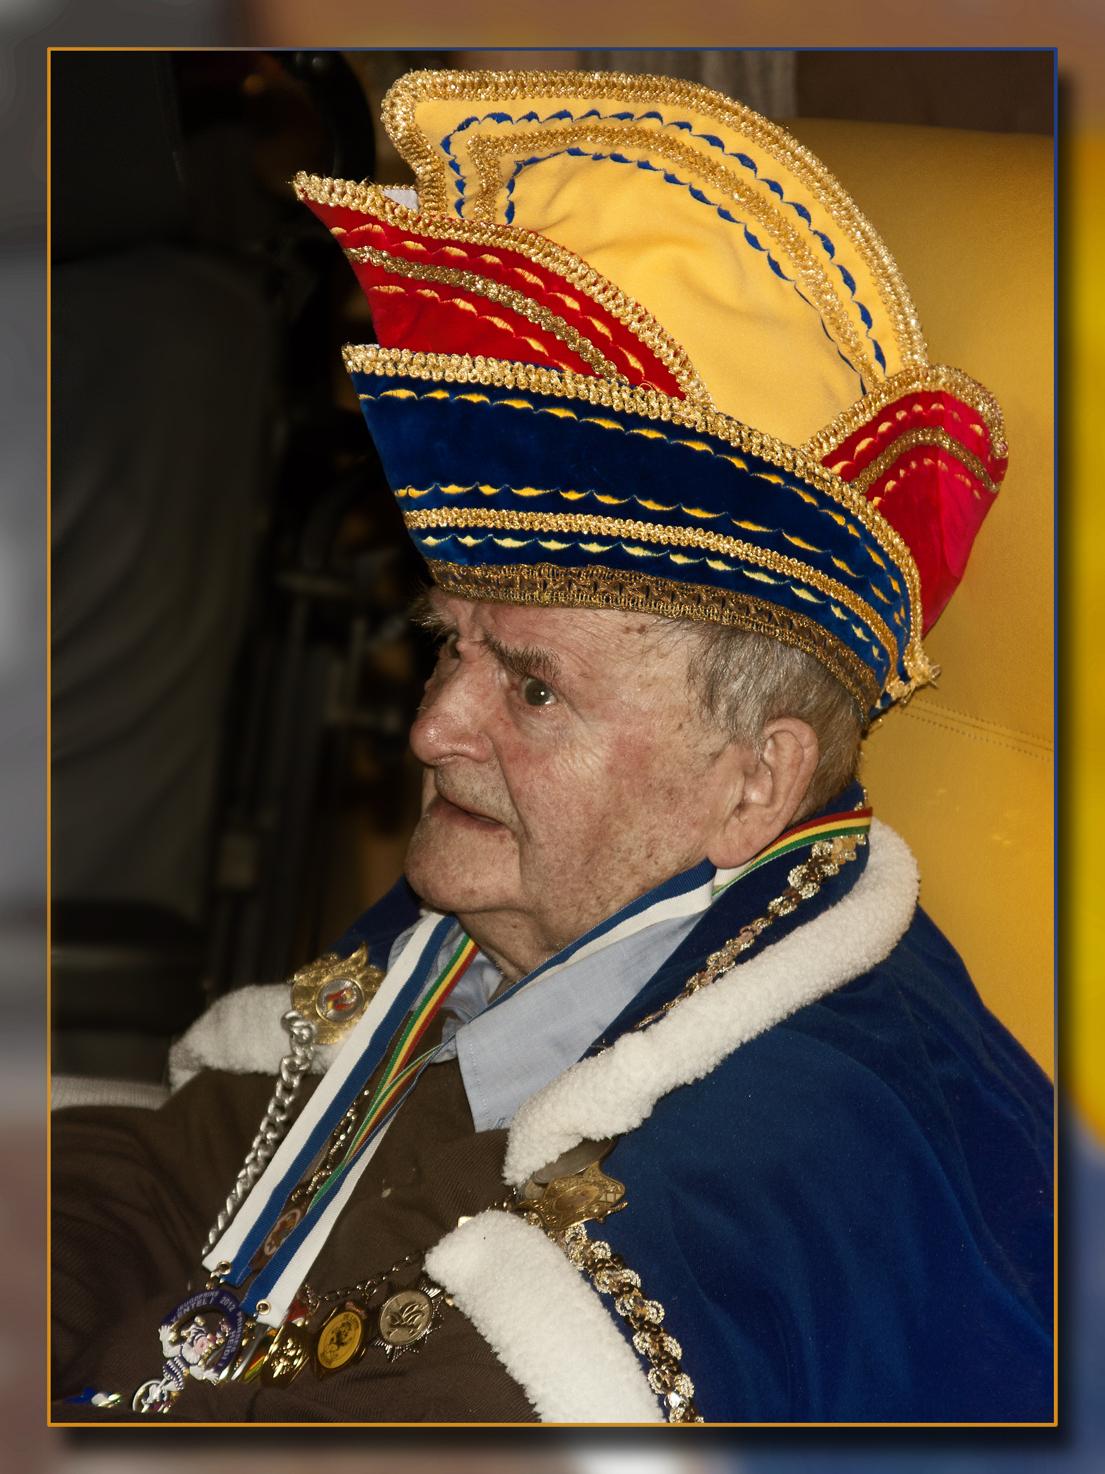 Prins Carnaval - Ik had als titel ook Senioren 33 kunnen kiezen. Carnaval wordt even intens gevierd in het rusthuis en ieder jaar is er een prins Carnaval. Dit jaar v - foto door kosmopol op 02-03-2012 - deze foto bevat: portret, carnaval, senioren, kosmopol